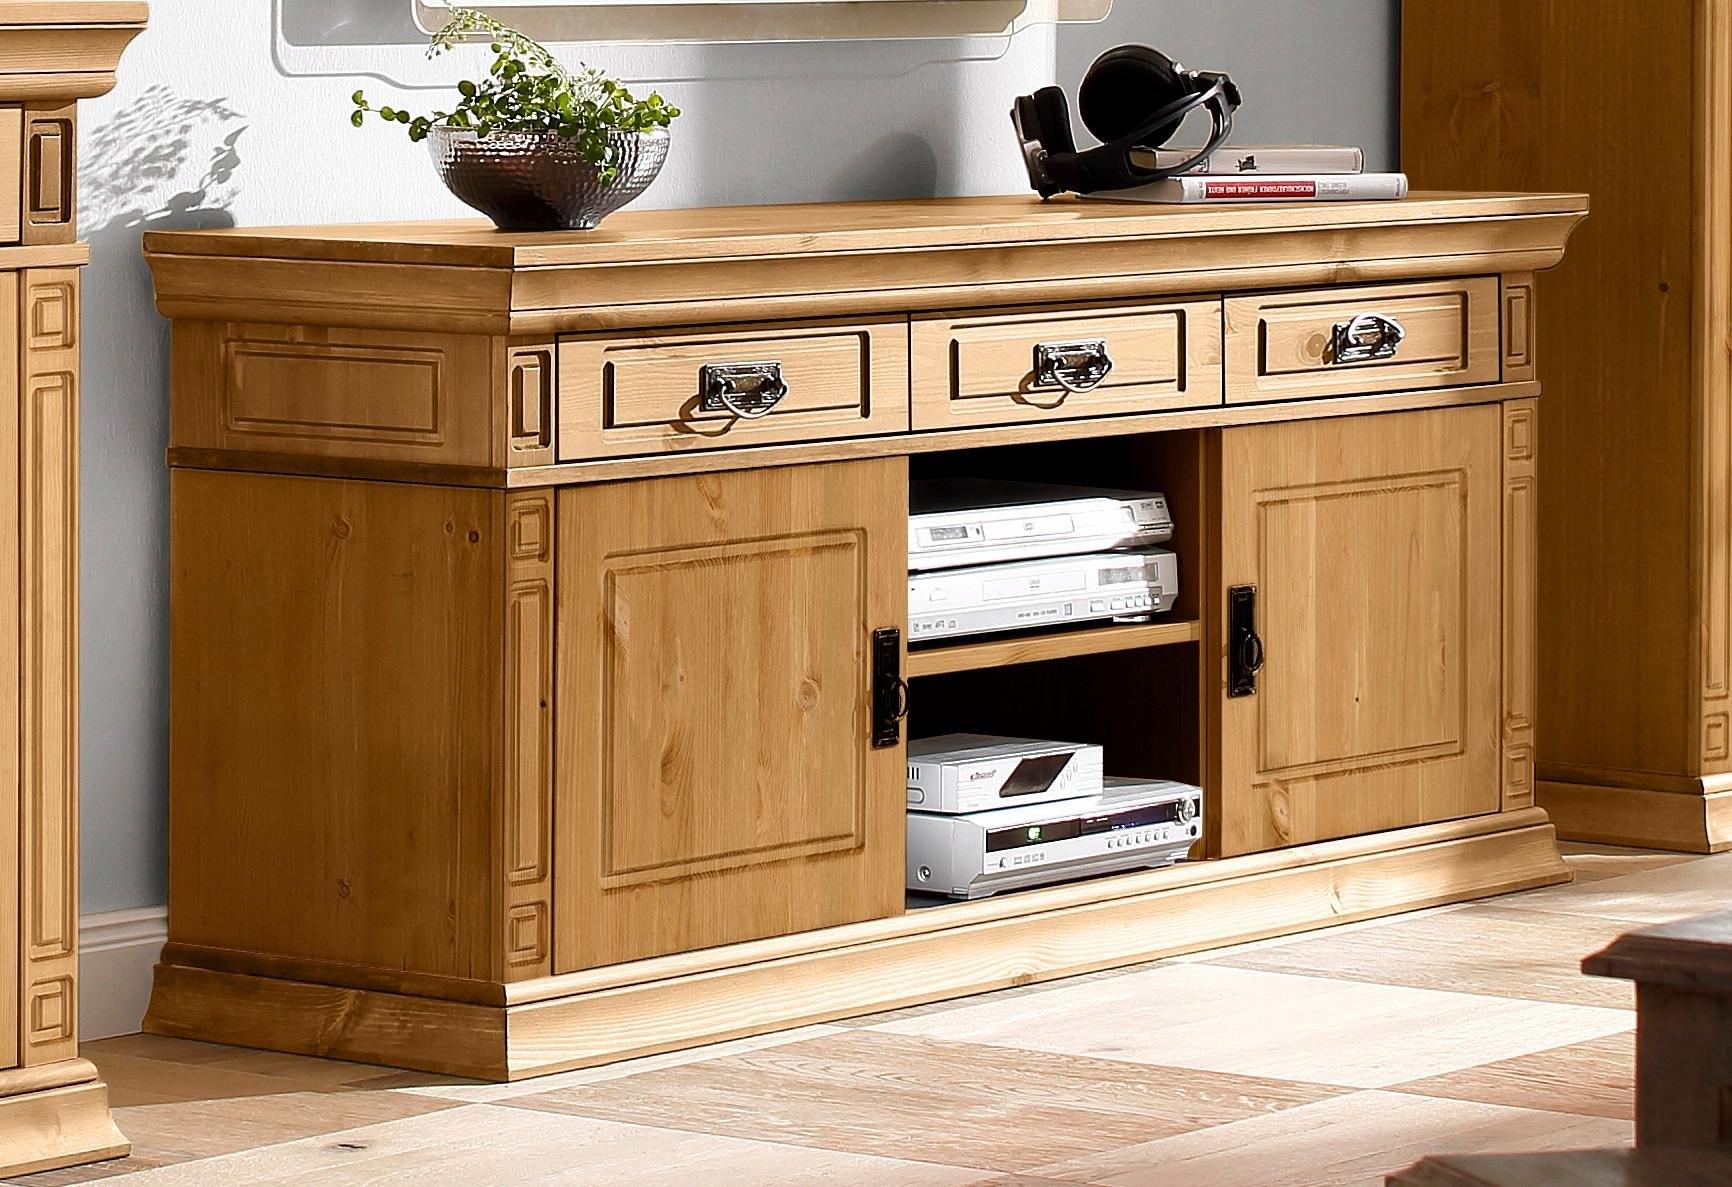 Home Affaire TV-meubel »Vinales«, breedte 158 cm, met 3 laden - gratis ruilen op otto.nl